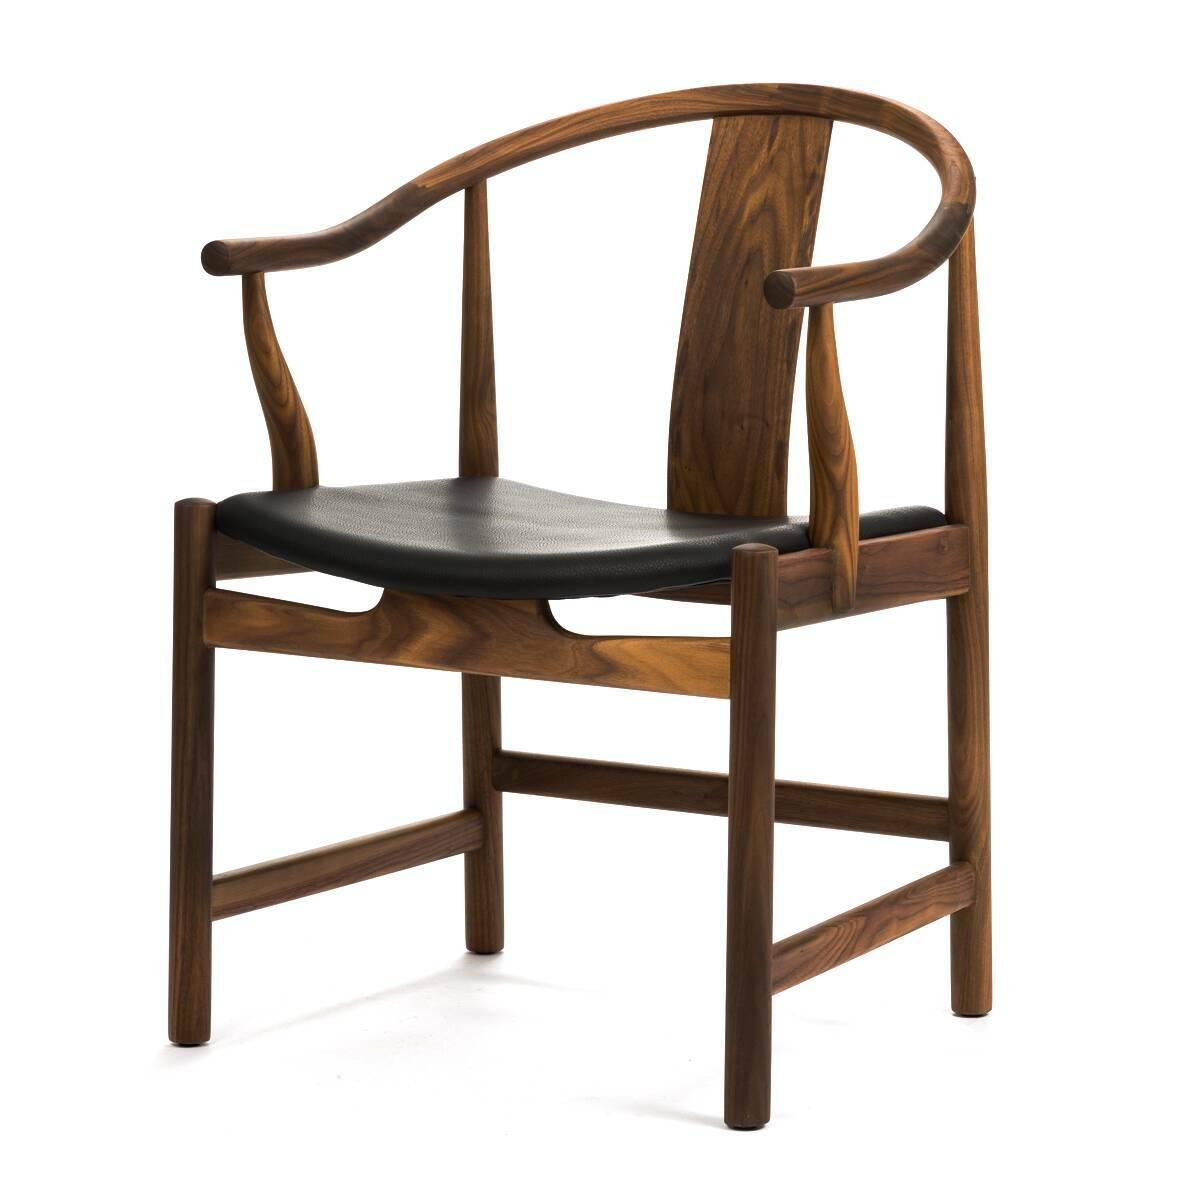 Стул  CirceИнтерьерные<br>Дизайнерское интерьерное кресло-стул Circe (Сирке) из дерева с кожаным сиденьем от Cosmo (Космо).<br><br><br> Стул Circe будет смотреться одинаково эффектно и в доме с современным дизайном, и в деловой обстановке вашего офиса, и вообще в любом месте, куда вы хотите привнести атмосферу утонченной роскоши и стиля. Невероятно красивый и утонченный, этот стул прекрасно отражает дизайнерский почерк своего создателя.<br><br><br> В стуле Circe идеально сочетаются изящность формы и функциональность. Оригинальн...<br><br>stock: 0<br>Высота: 79<br>Высота сиденья: 43<br>Ширина: 58<br>Глубина: 58<br>Материал каркаса: Массив ореха<br>Тип материала каркаса: Дерево<br>Цвет сидения: Черный<br>Тип материала сидения: Кожа<br>Коллекция ткани: Standart Leather<br>Цвет каркаса: Орех